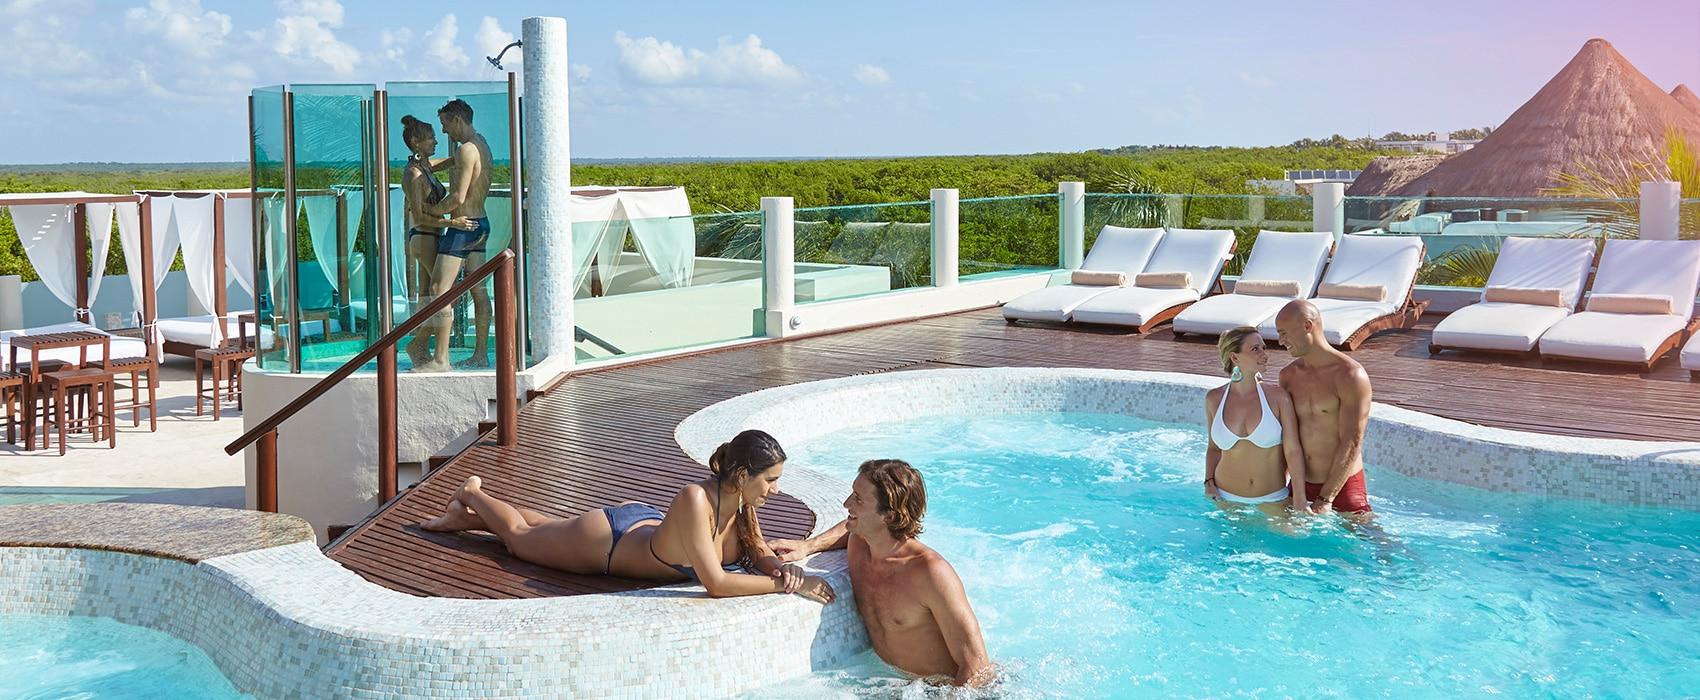 Desire Riviera Maya Resort Jacuzzi Lounge